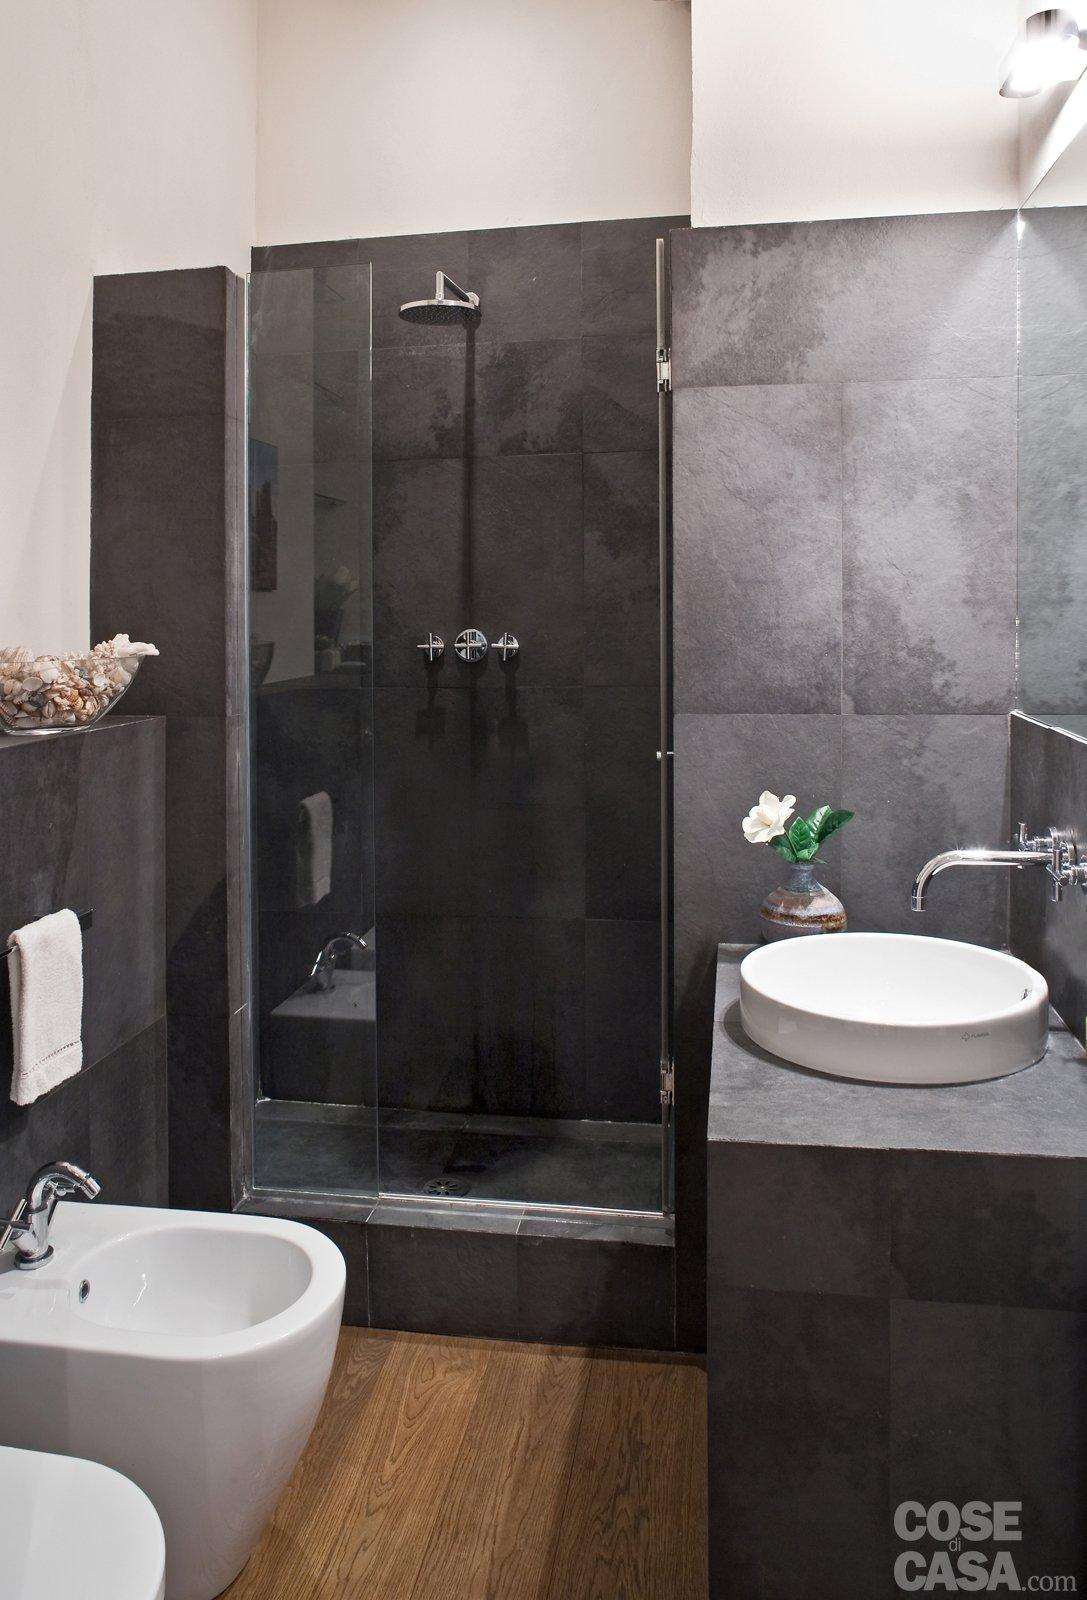 Una casa di 80 mq superfunzionali cose di casa for 2 br 2 piani casa bagno